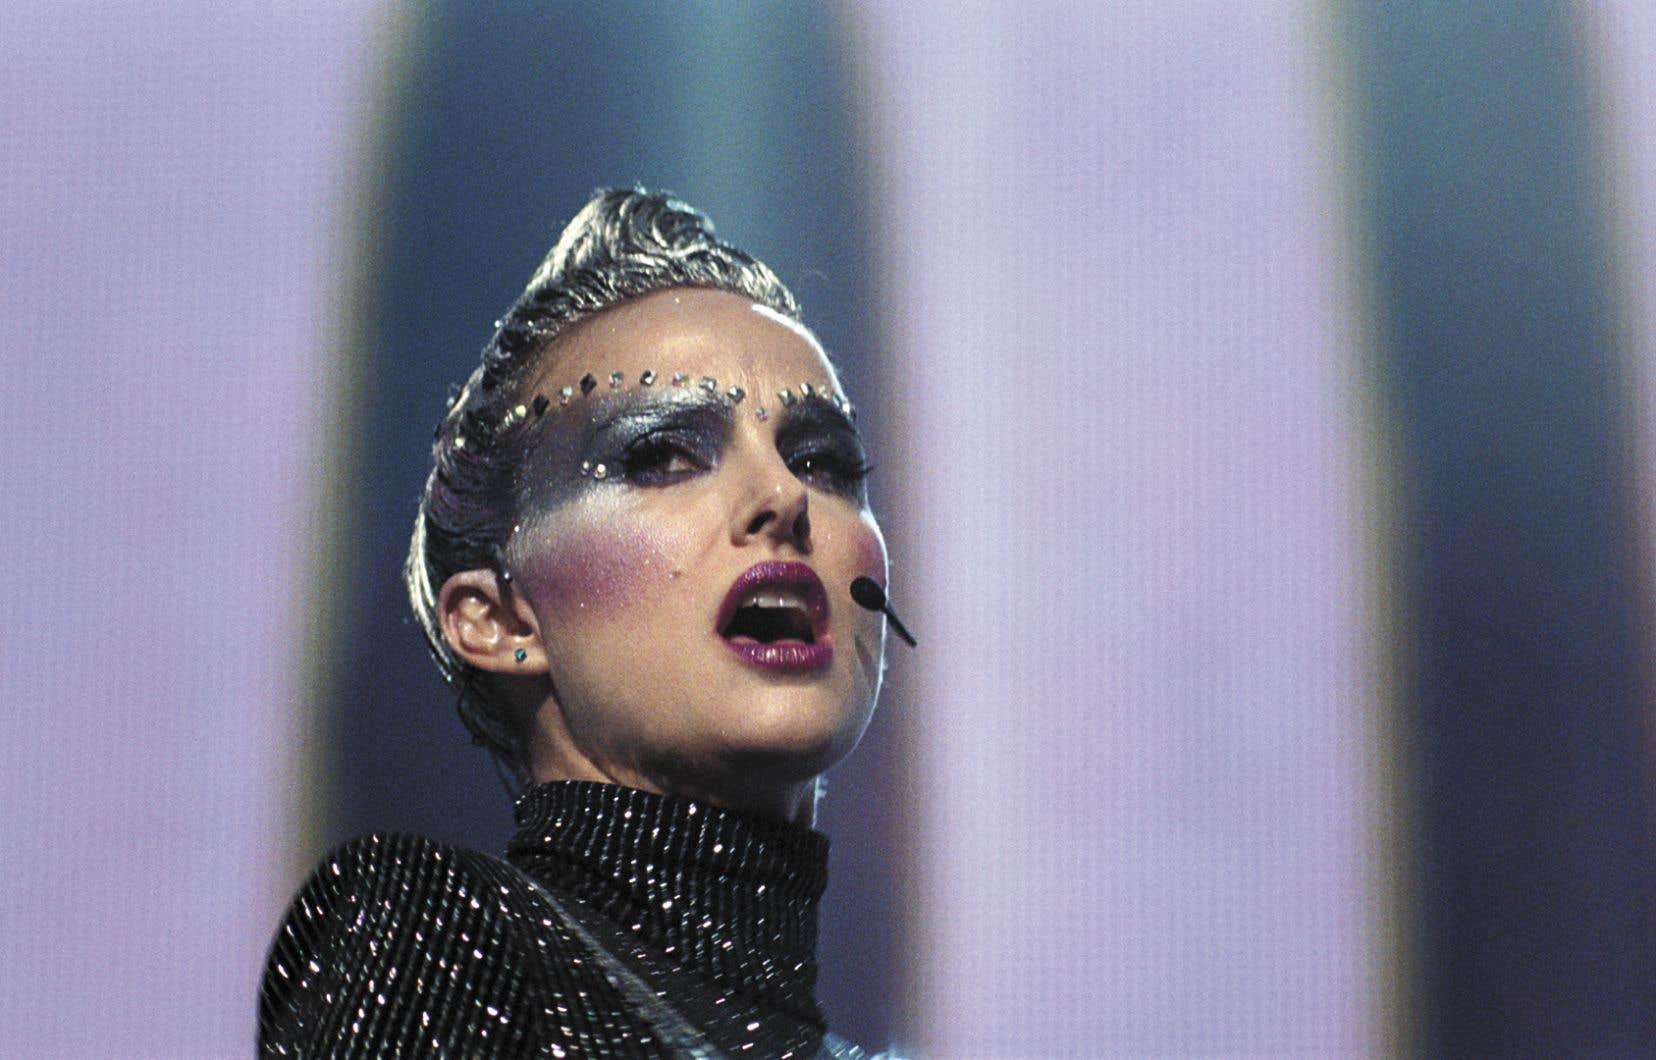 Natalie Portman a beau se jeter corps et âme dans le rôle qu'elle joue comme une lionne en cage, Celeste n'est que surface clinquante.